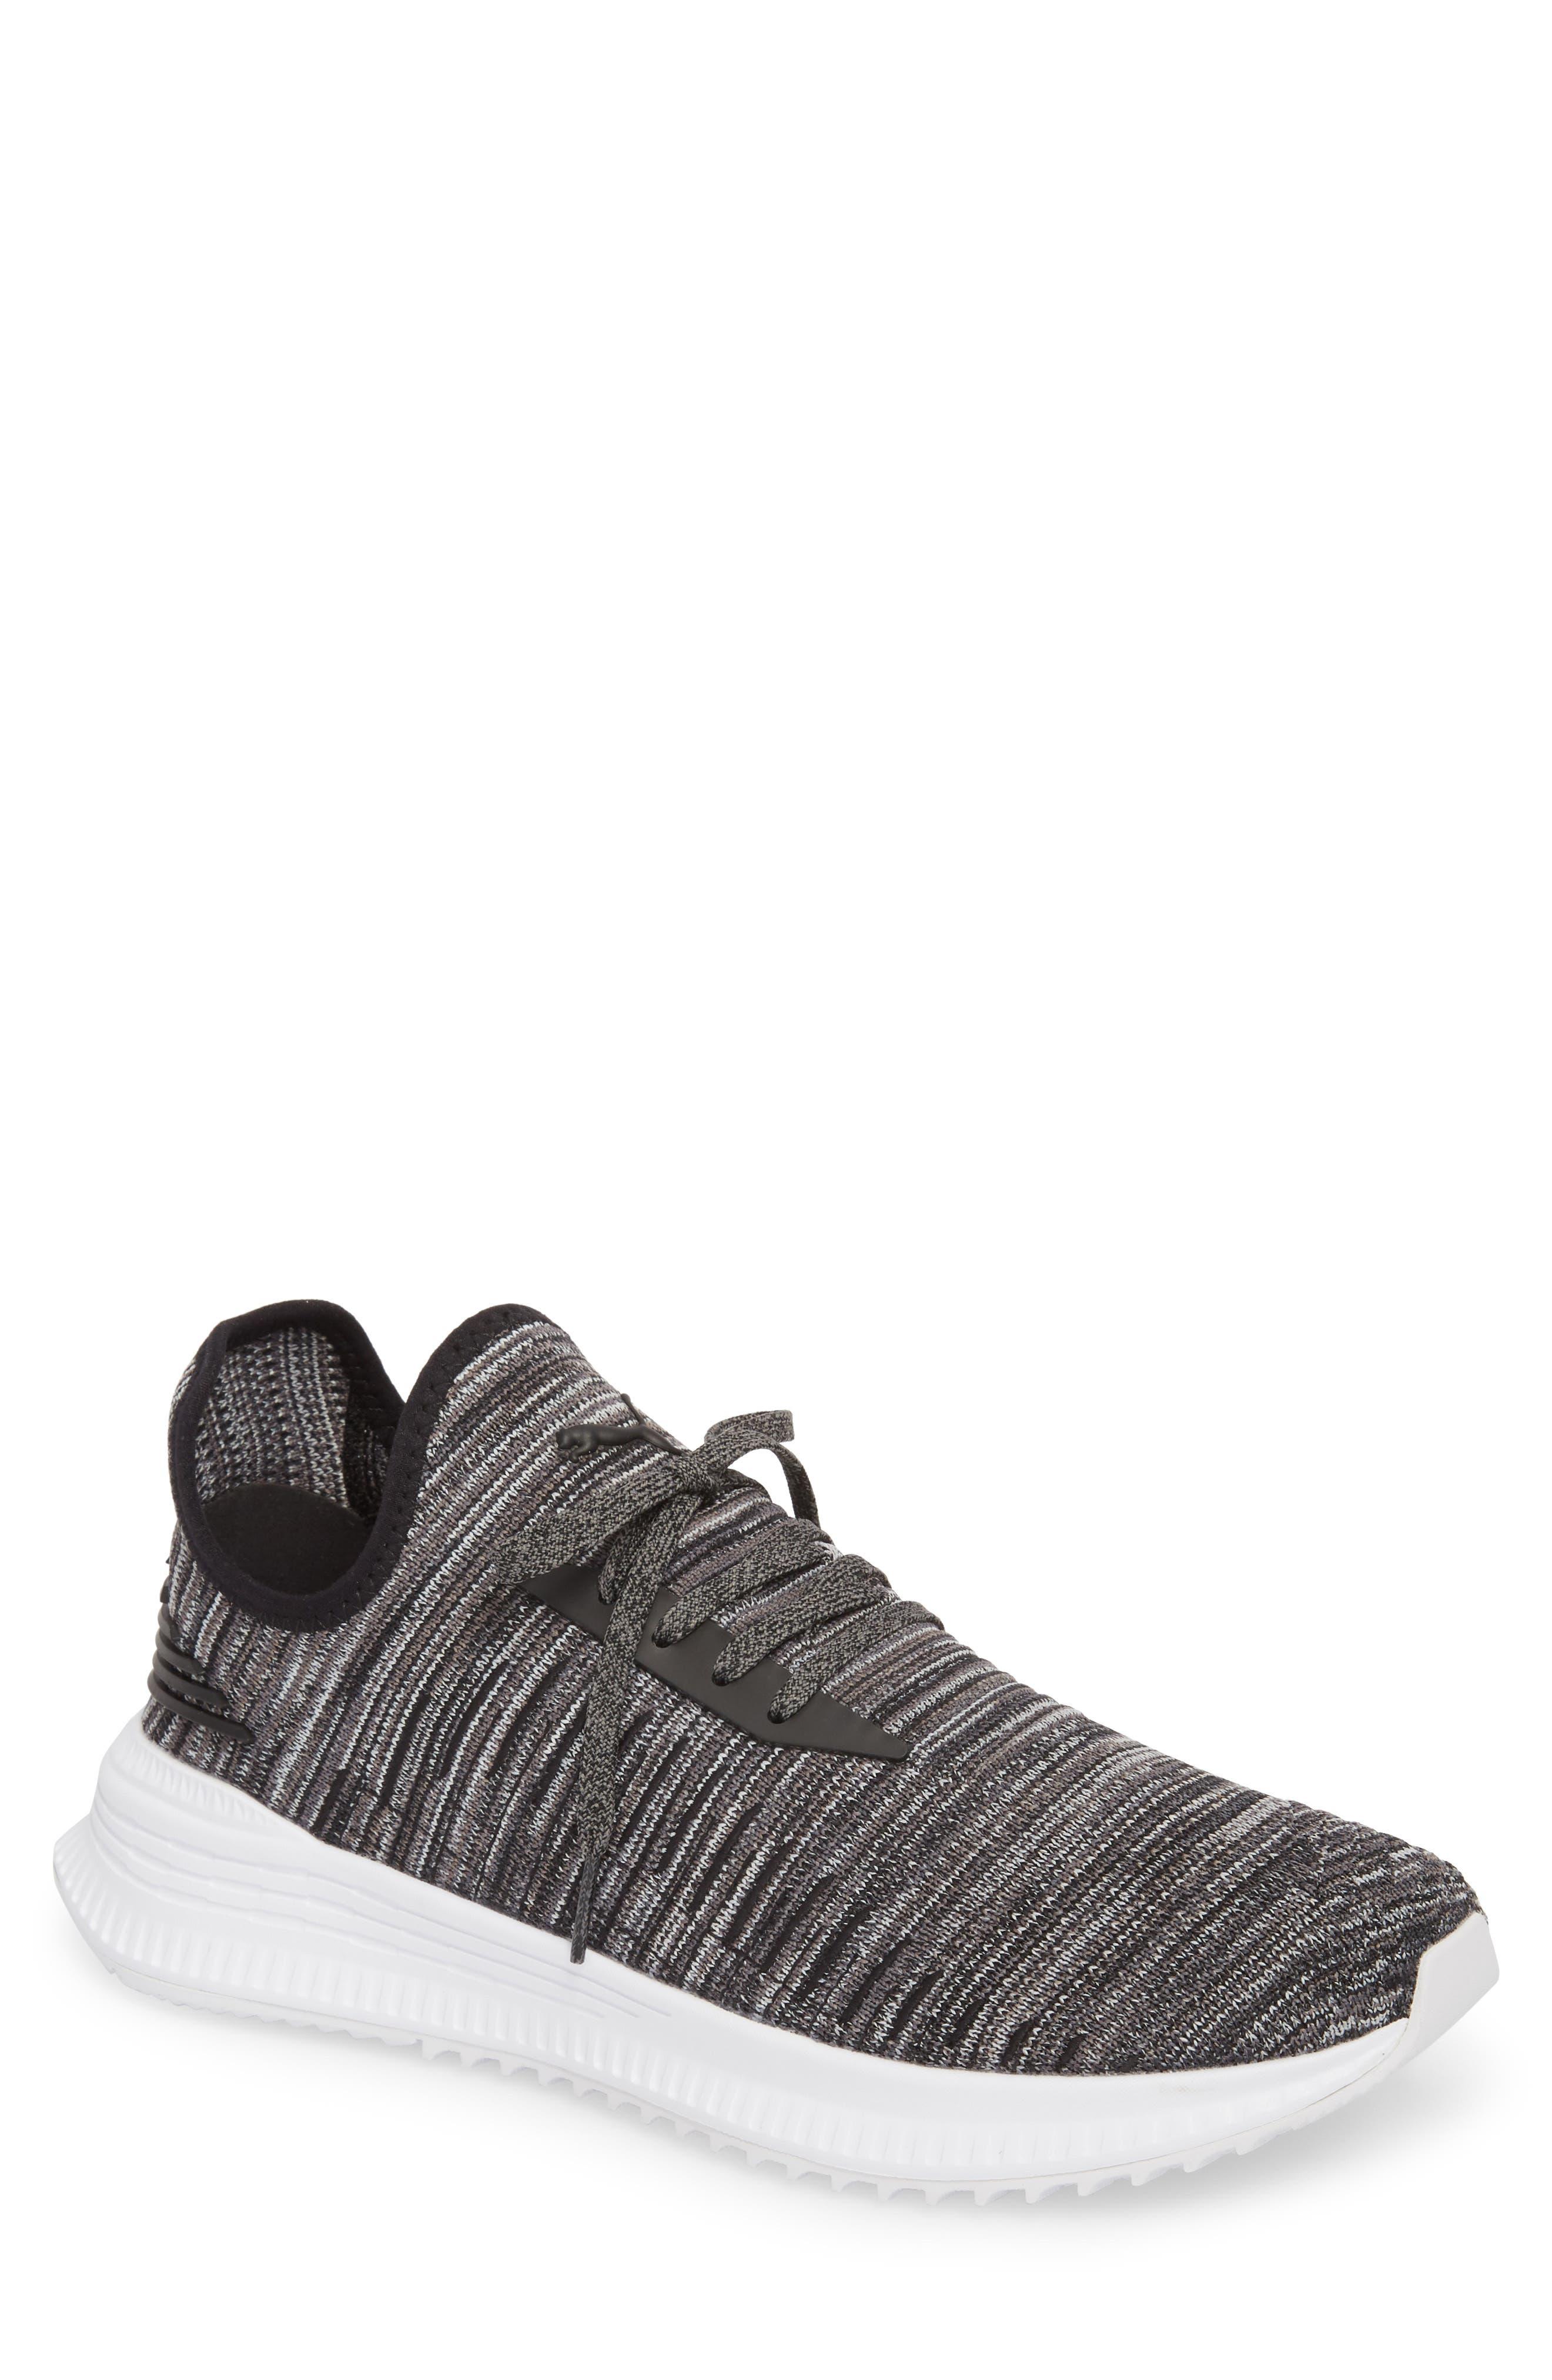 Tsugi 90 Sneaker,                         Main,                         color,